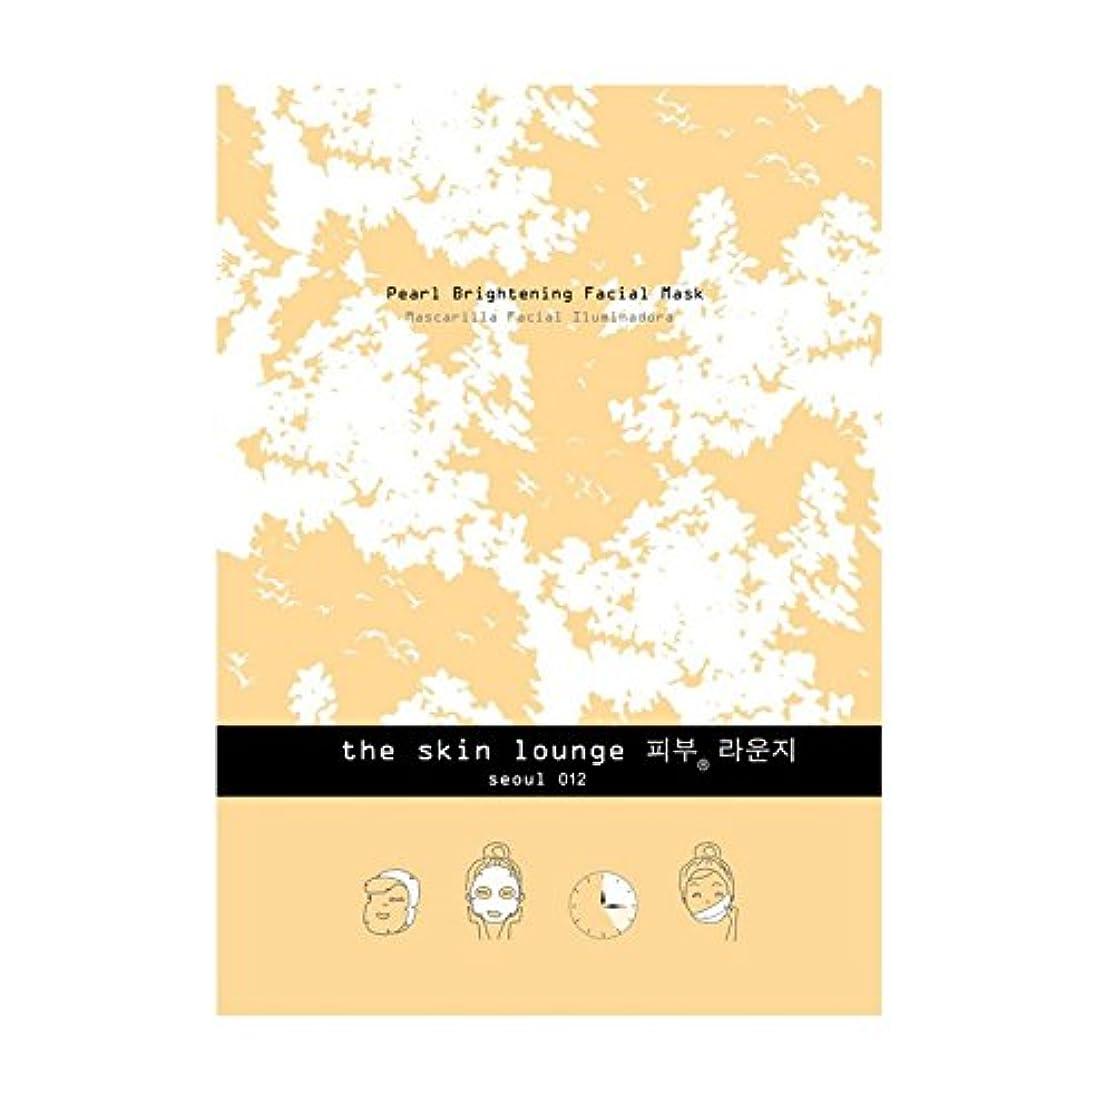 コーンあらゆる種類の土地The Skin Lounge Pearl Brightening Single Cellulose Mask - 単一セルロースマスクを明るく皮膚ラウンジ真珠 [並行輸入品]